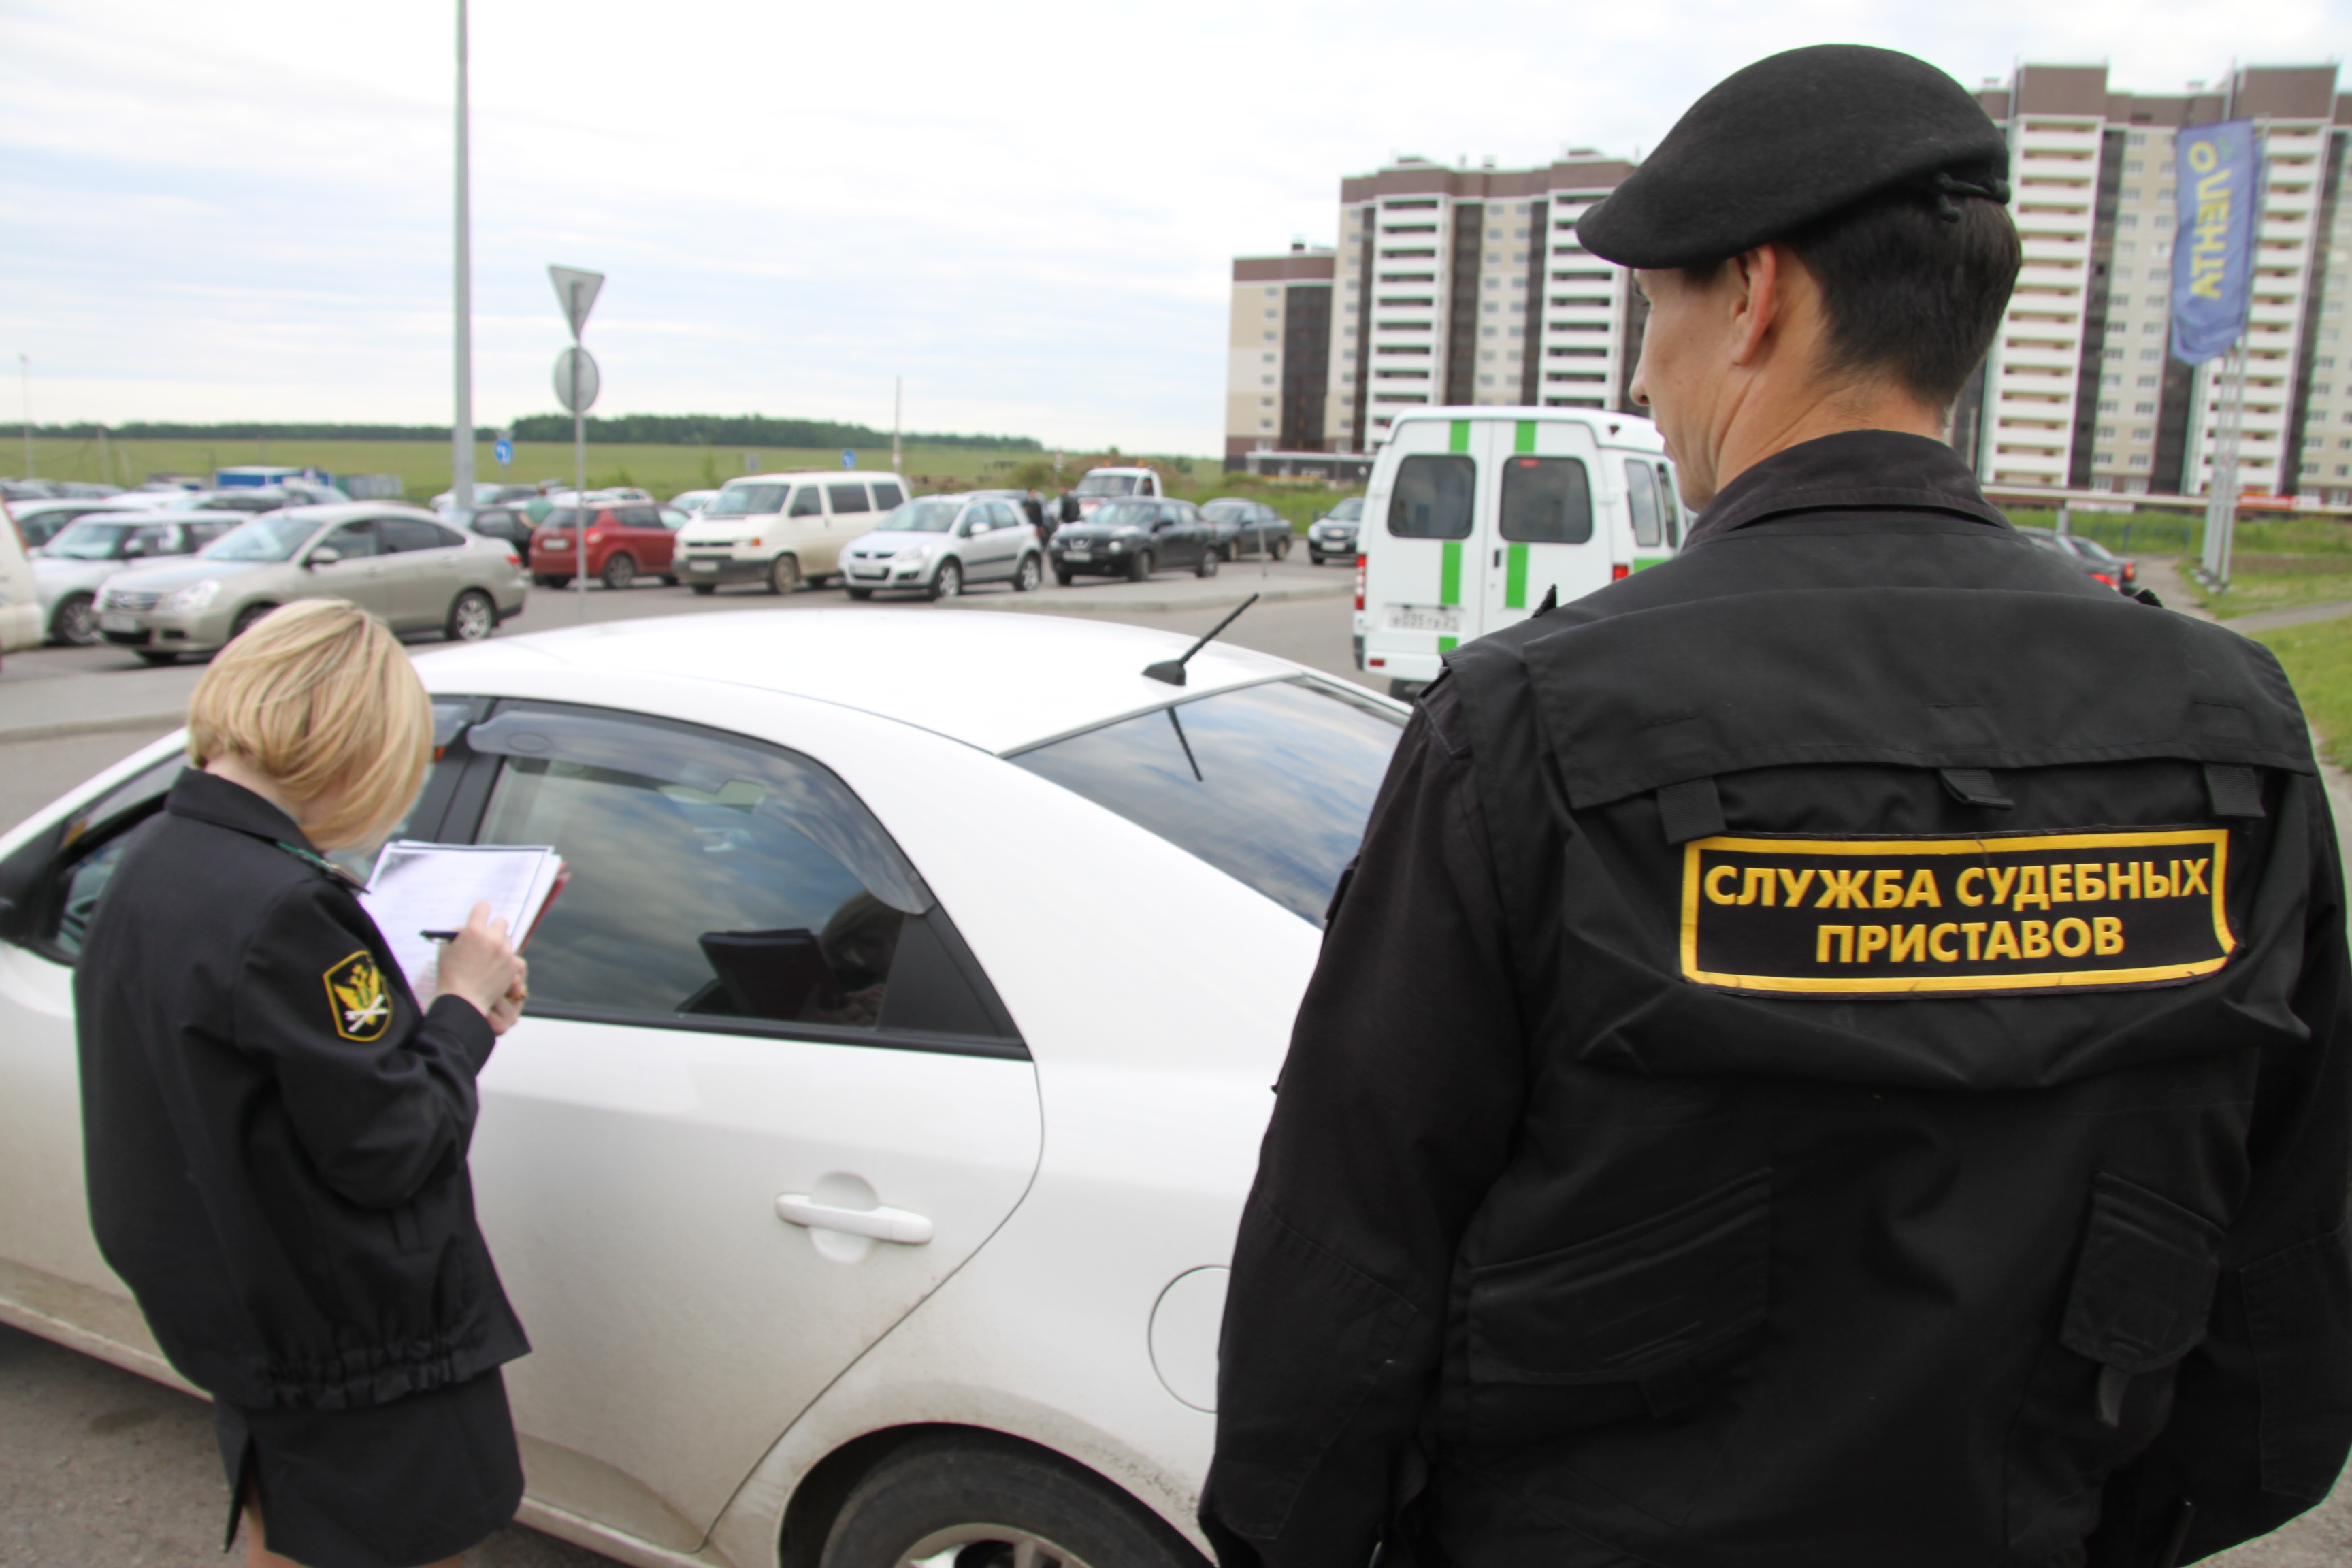 Арест на счета судебными приставами узнать